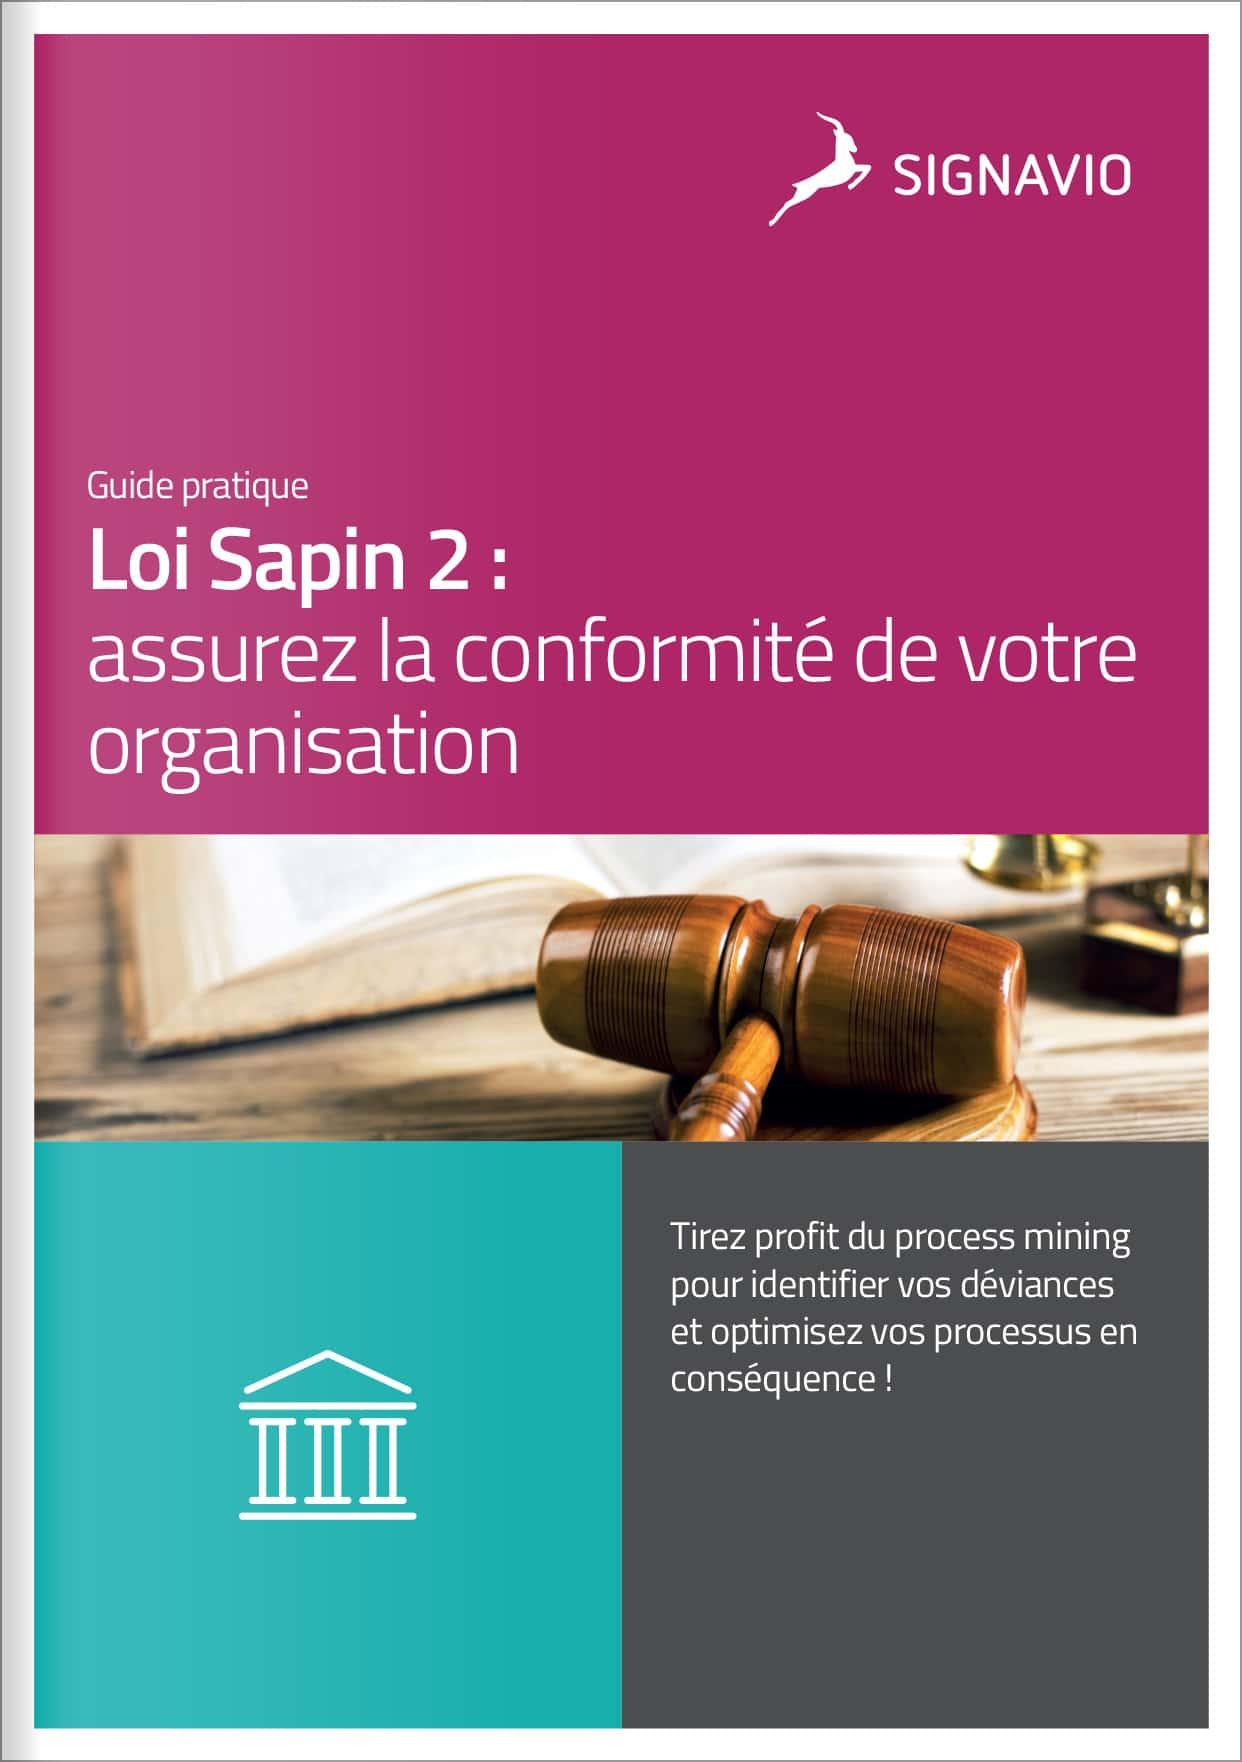 Loi Sapin 2 : assurez la conformité de votre organisation